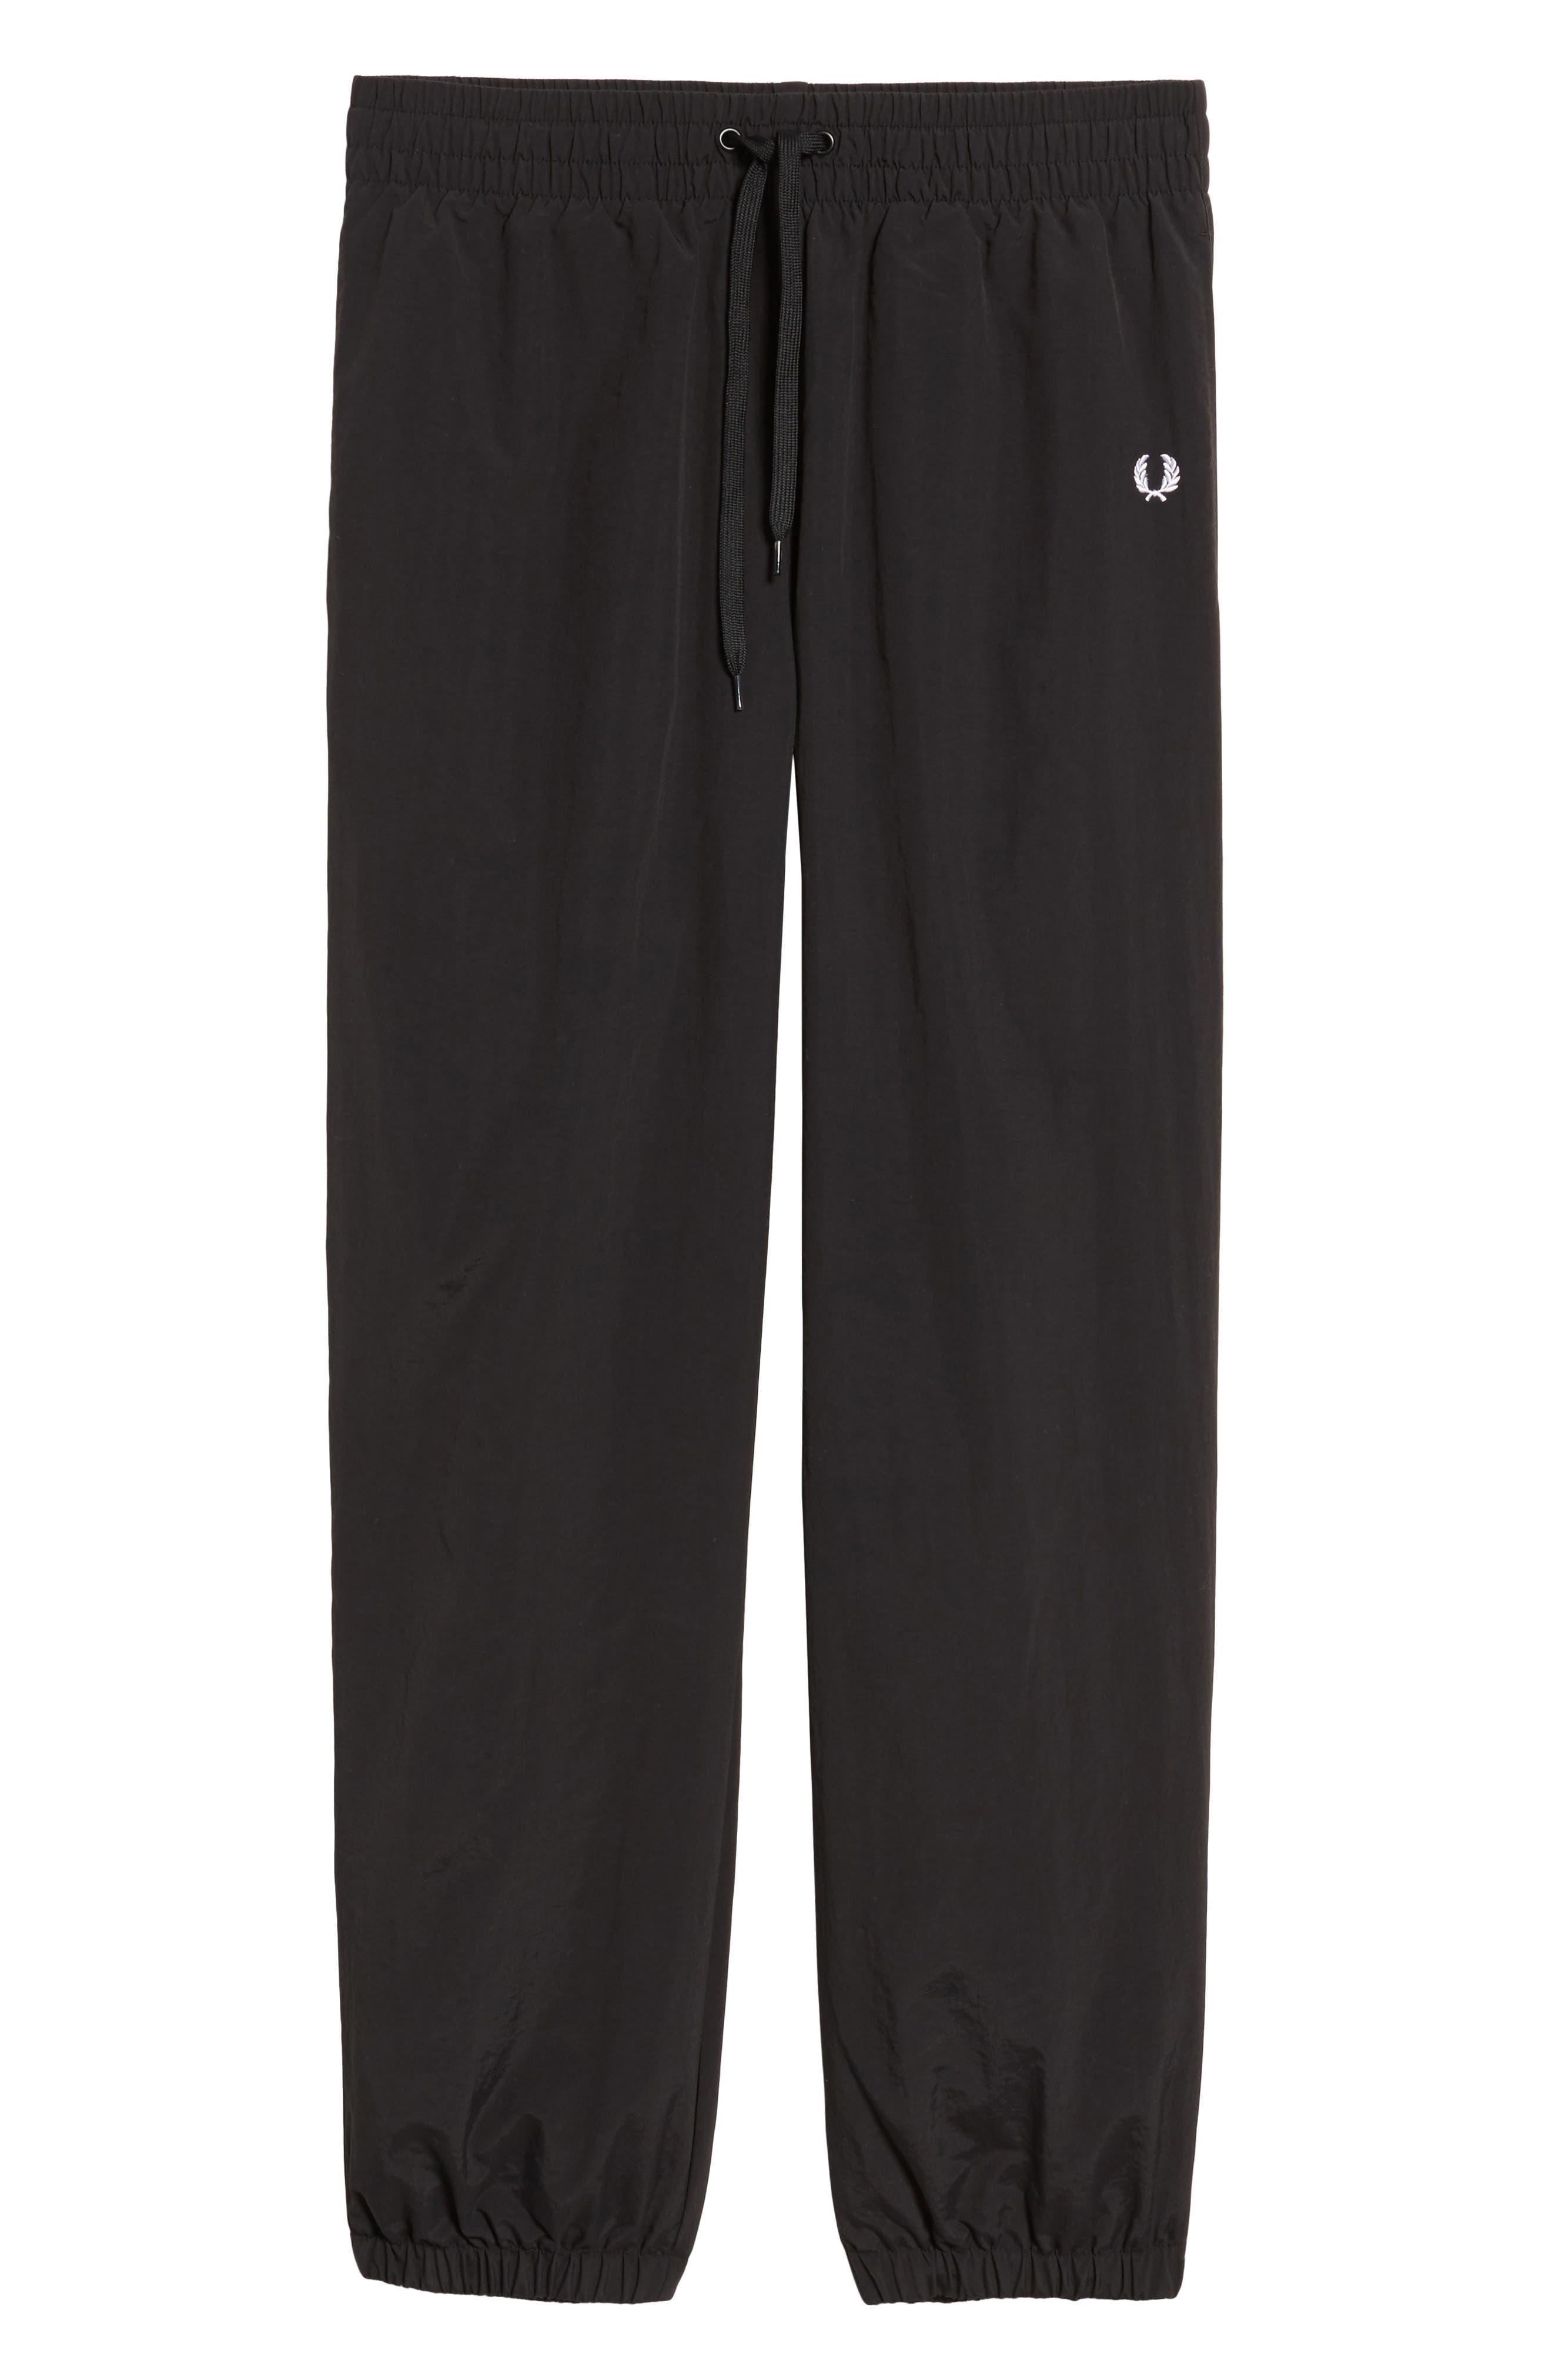 Monochrome Tennis Pants,                             Alternate thumbnail 6, color,